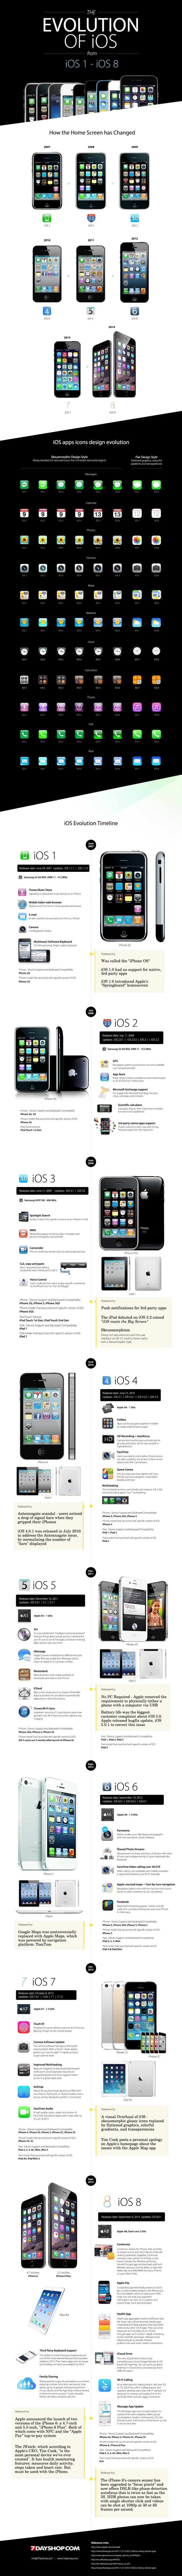 Jak zmieniał się iOS (od iOS 1 do iOS 8) - infografika